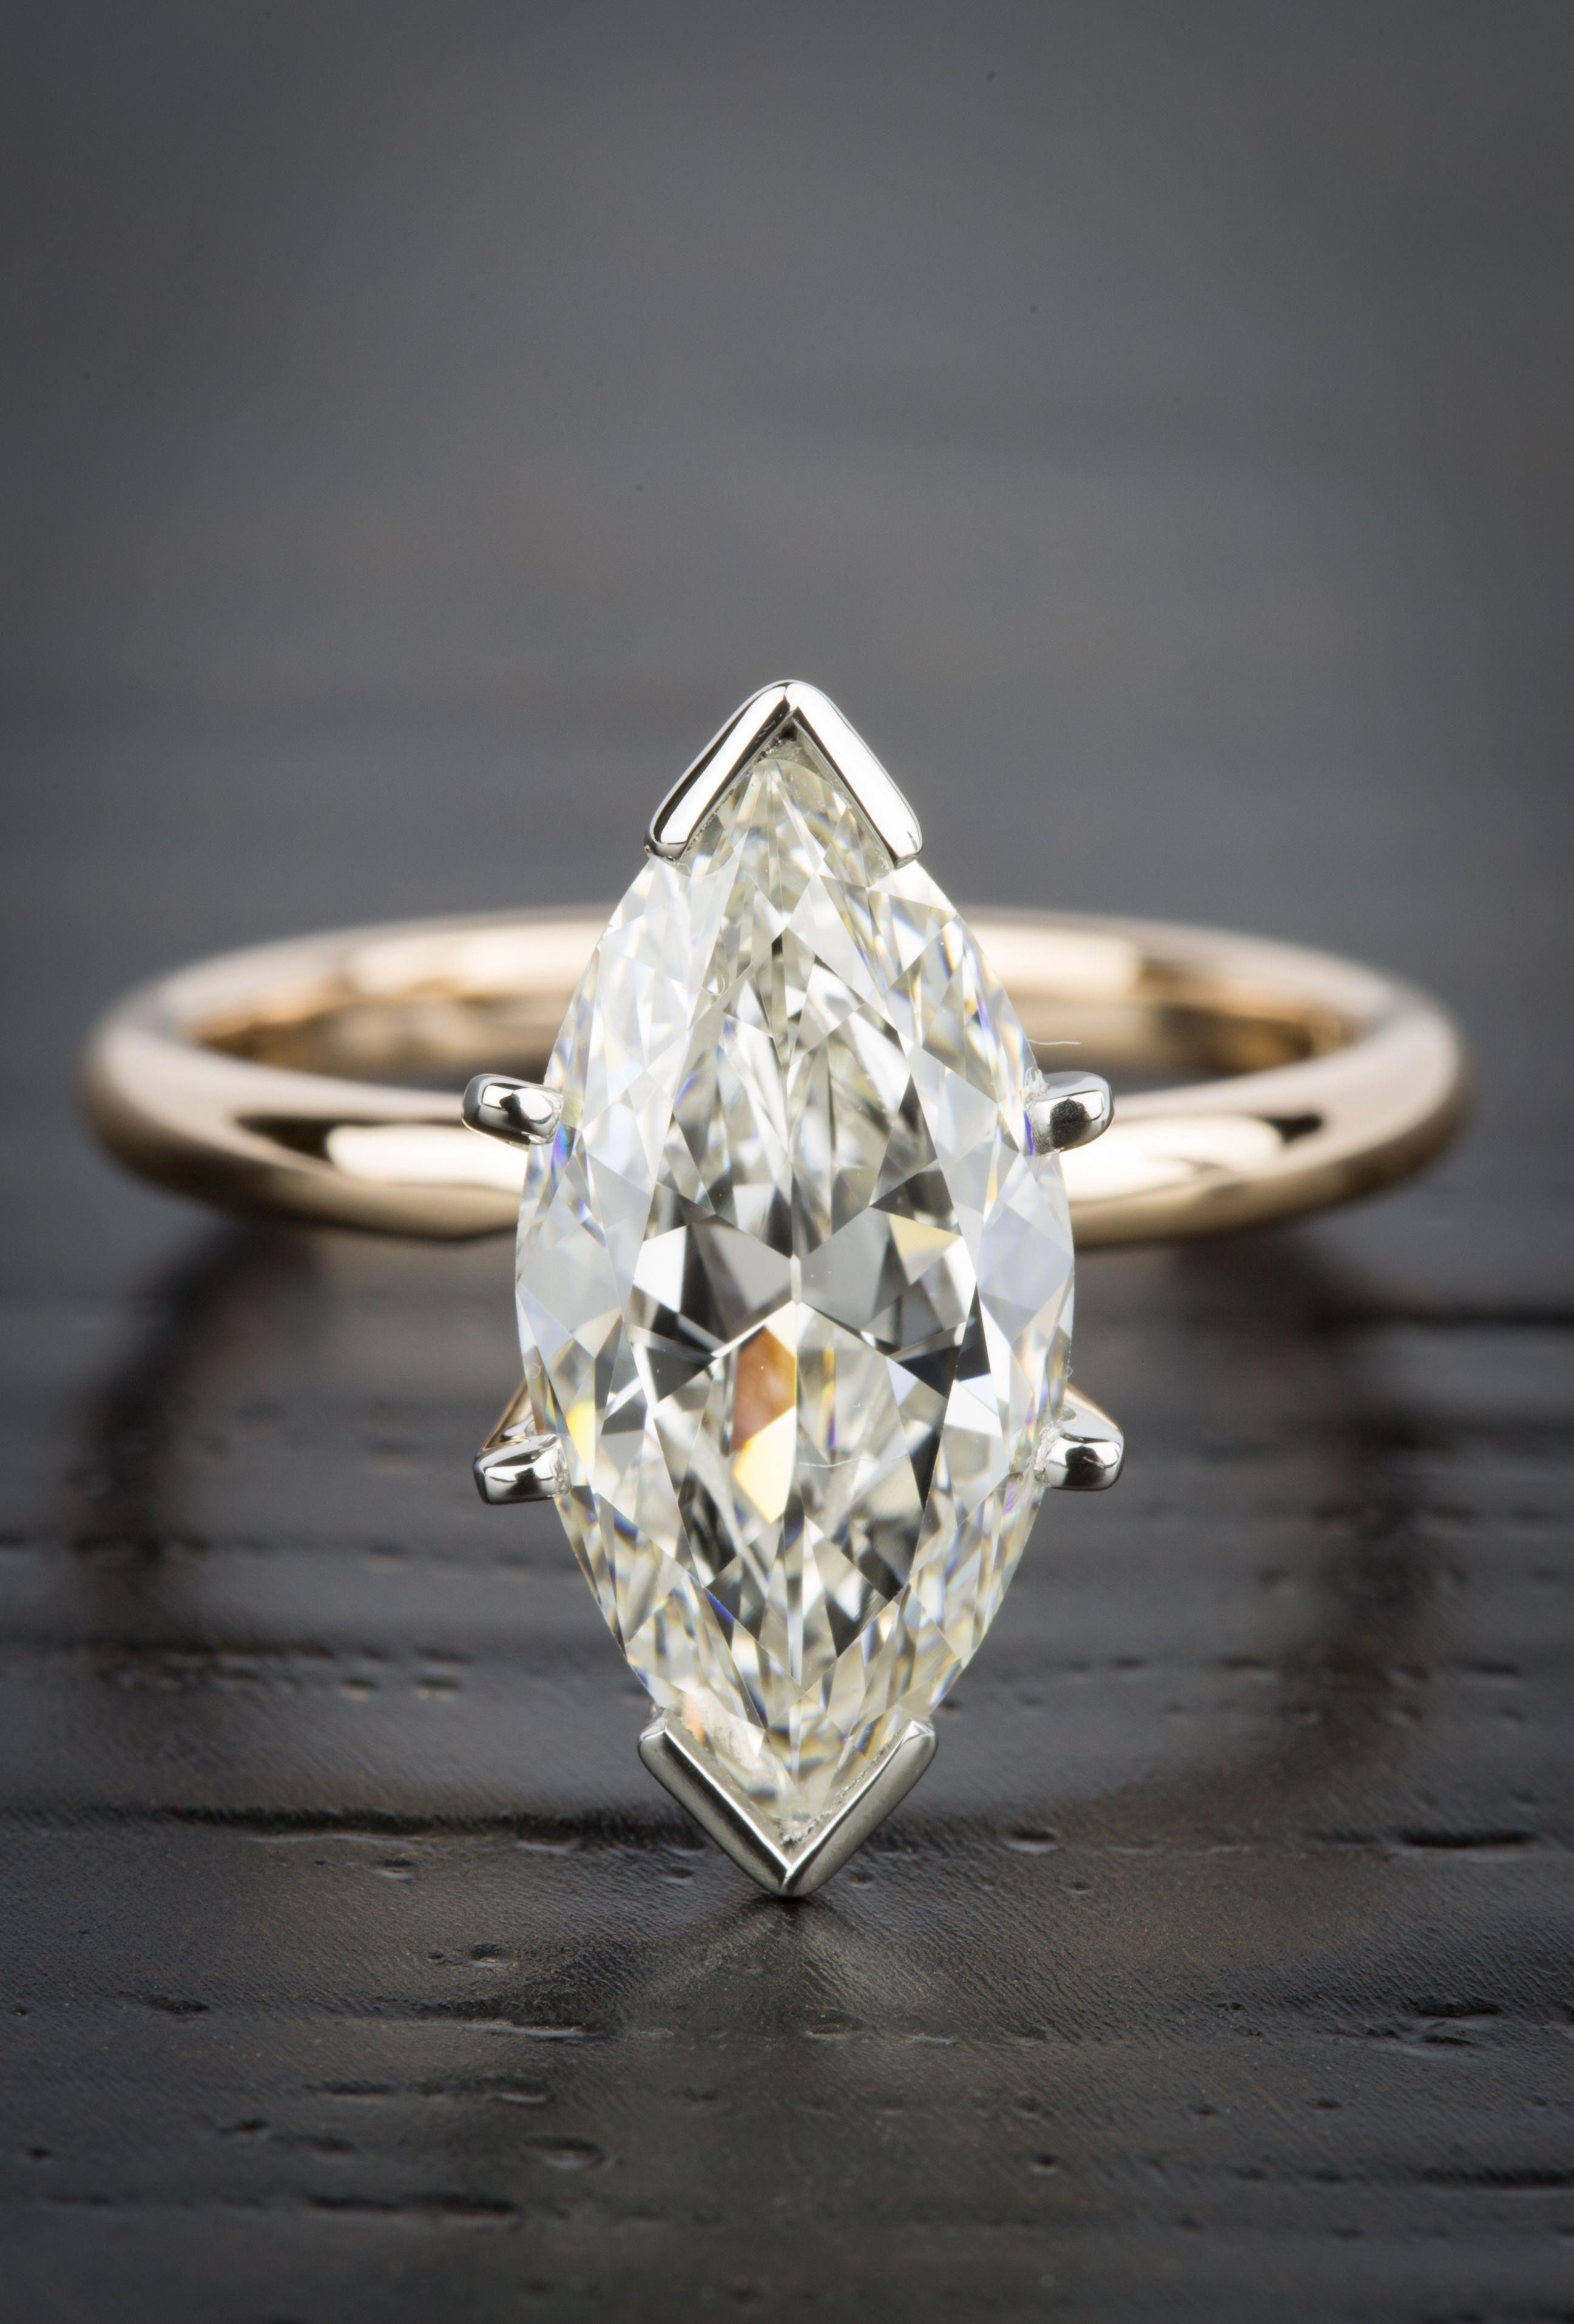 This ComfortFit Marquise Solitaire Diamond